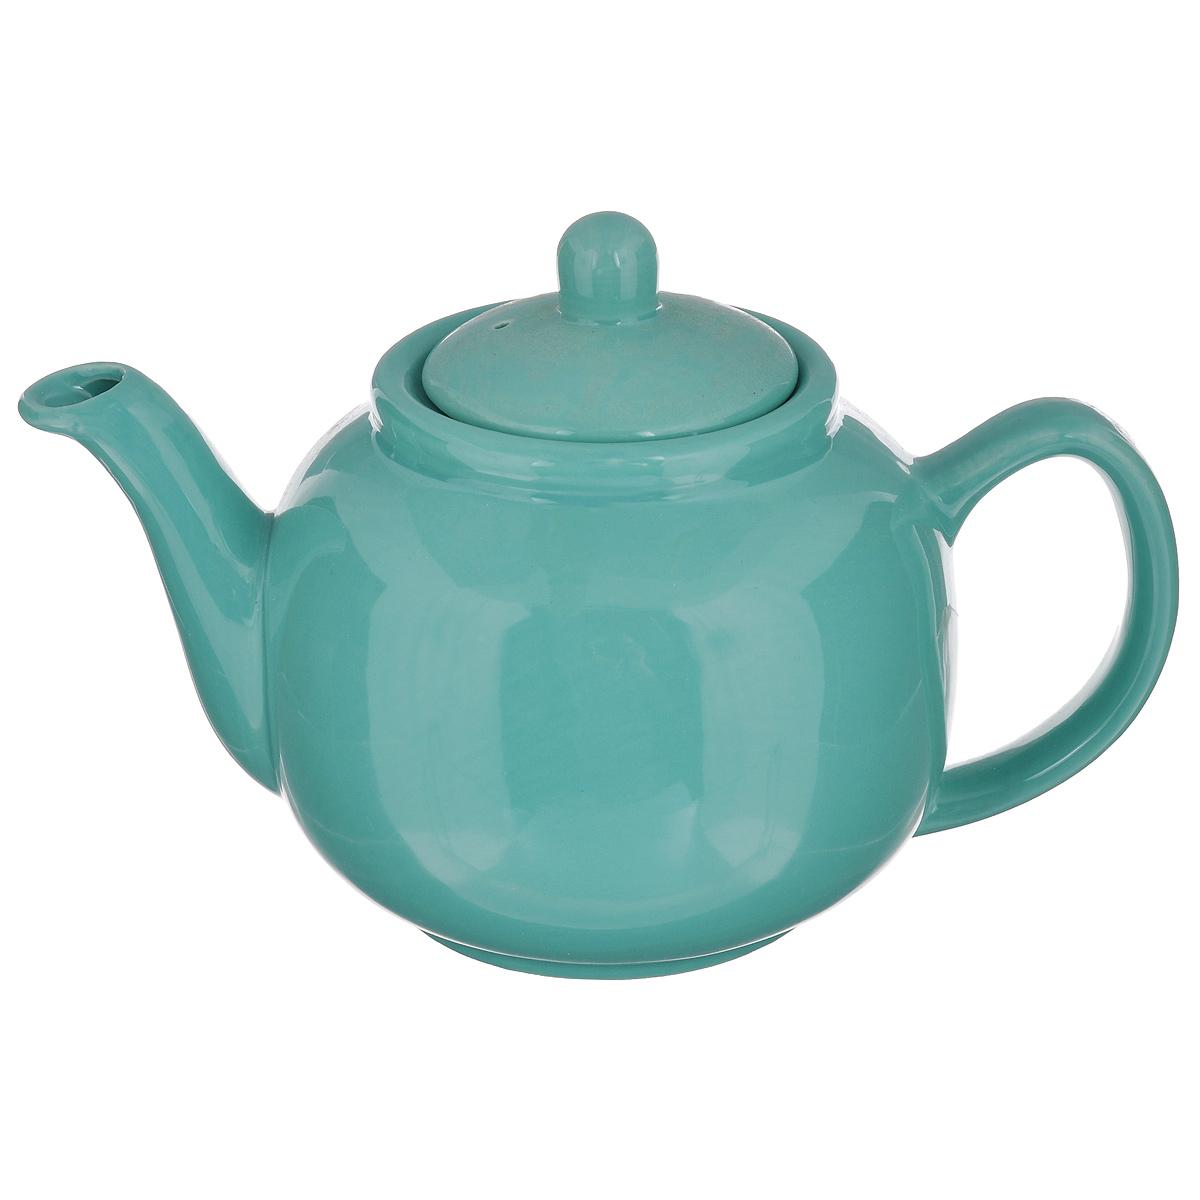 Чайник заварочный Loraine, цвет: зеленый, 940 мл24867Заварочный чайник Loraine изготовлен из высококачественной доломитовой керамики высокого качества без примеси ПФОК. Глазурованное покрытие делает поверхность абсолютно гладкой и легкой для чистки. Изделие прекрасно подходит для заваривания вкусного и ароматного чая, травяных настоев. Оригинальный дизайн сделает чайник настоящим украшением стола. Он удобен в использовании и понравится каждому.Можно мыть в посудомоечной машине и использовать в микроволновой печи. Диаметр чайника (по верхнему краю): 9 см. Высота чайника (без учета крышки): 11 см.